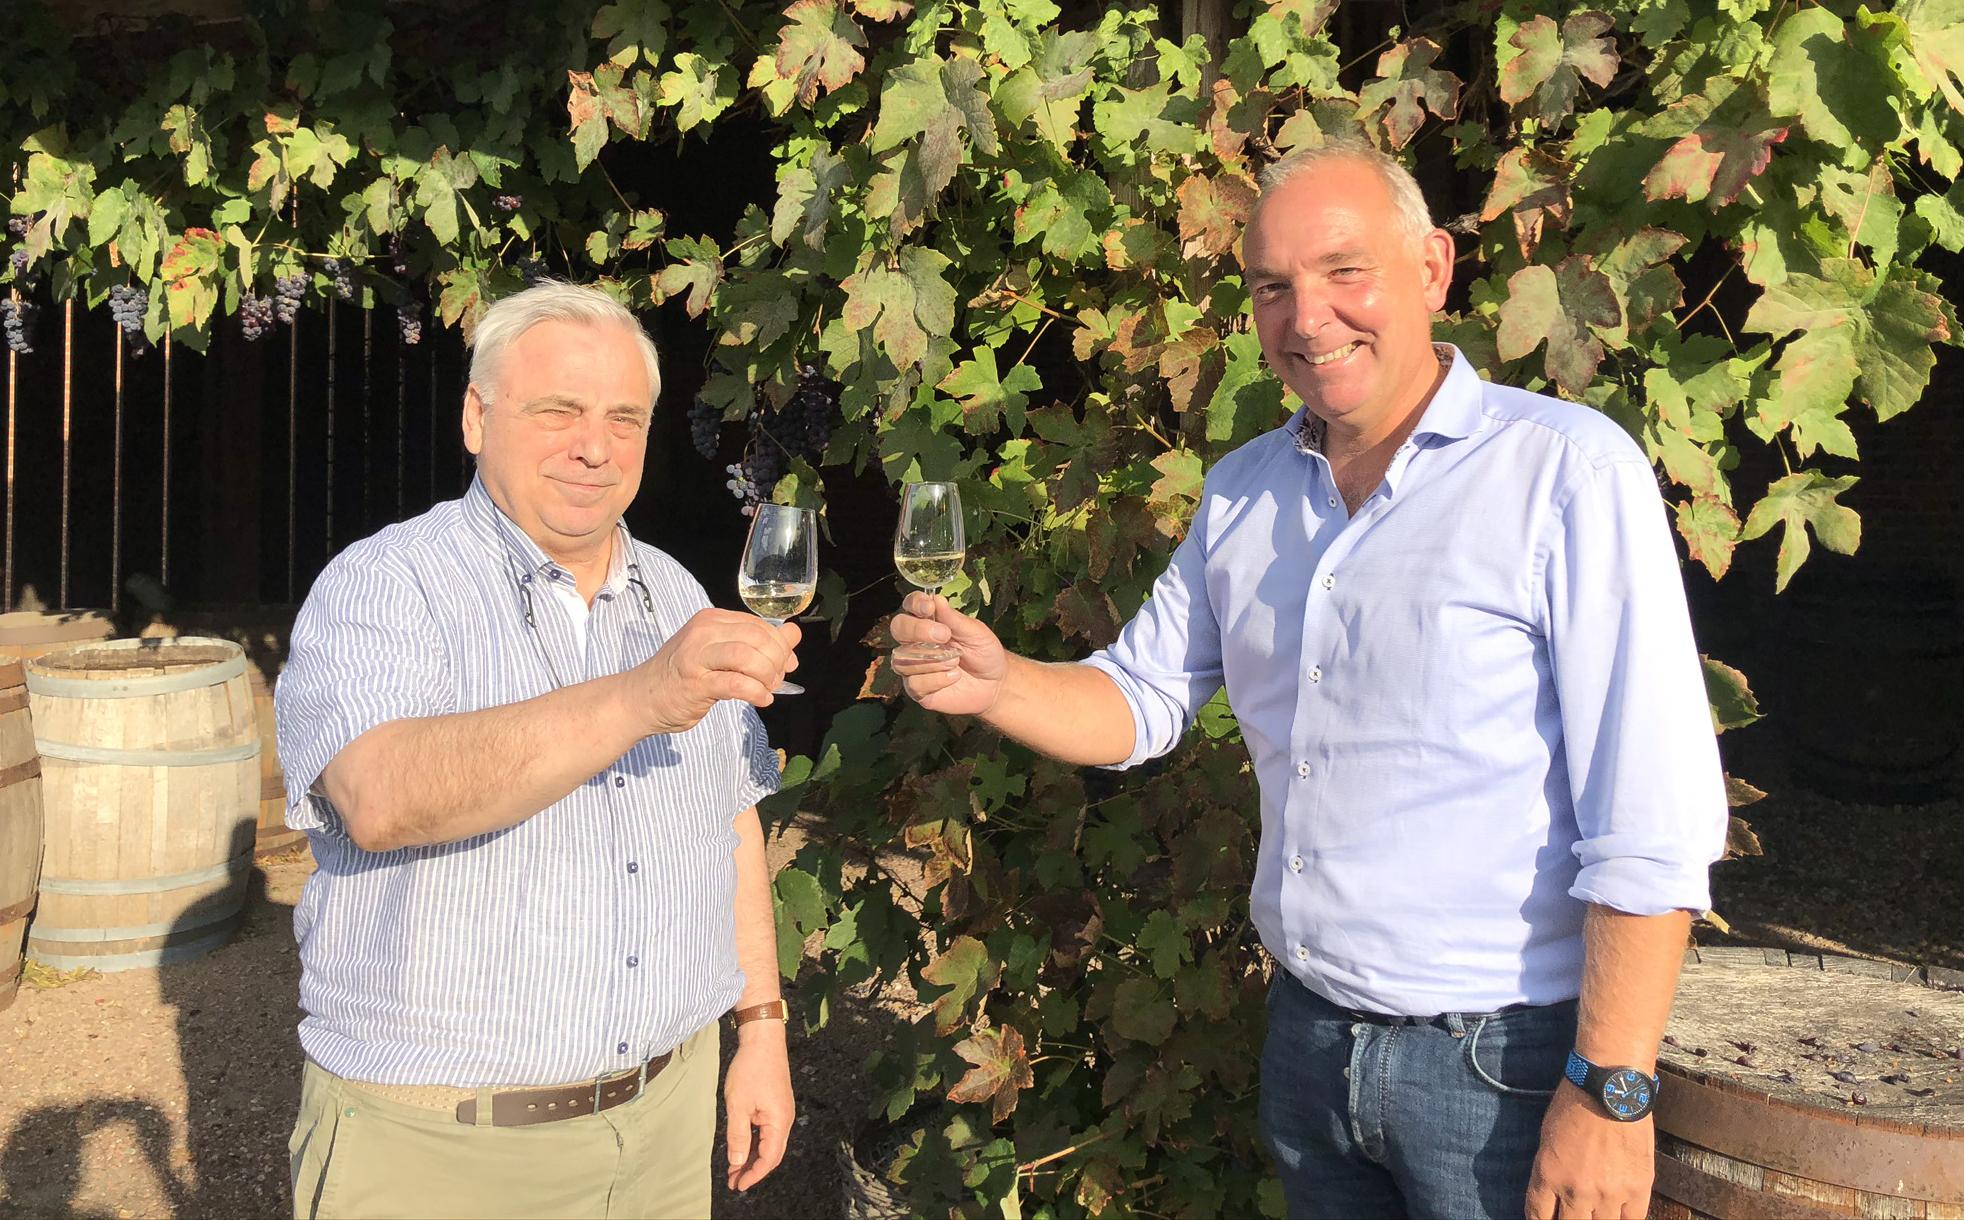 Toonaangevende wijnimporteurs en logistiek dienstverlener slaan de handen ineen